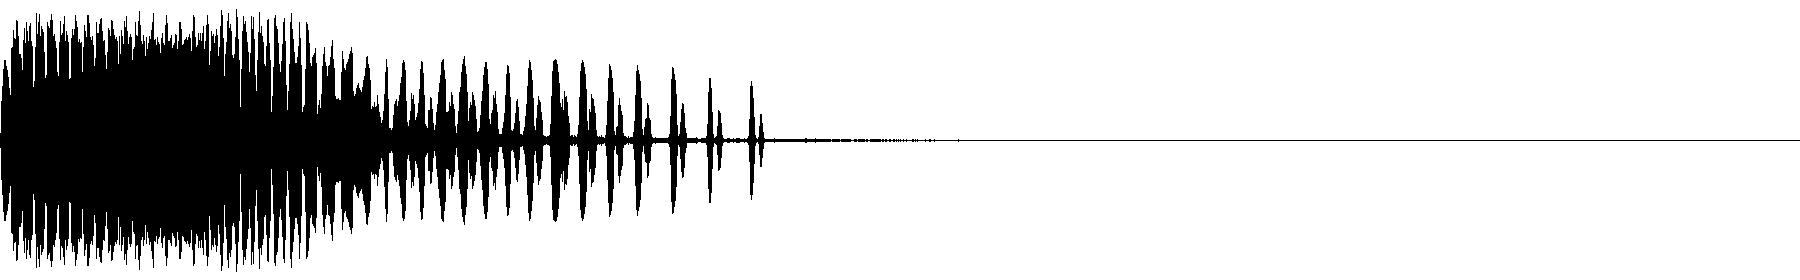 ehu sfx 002